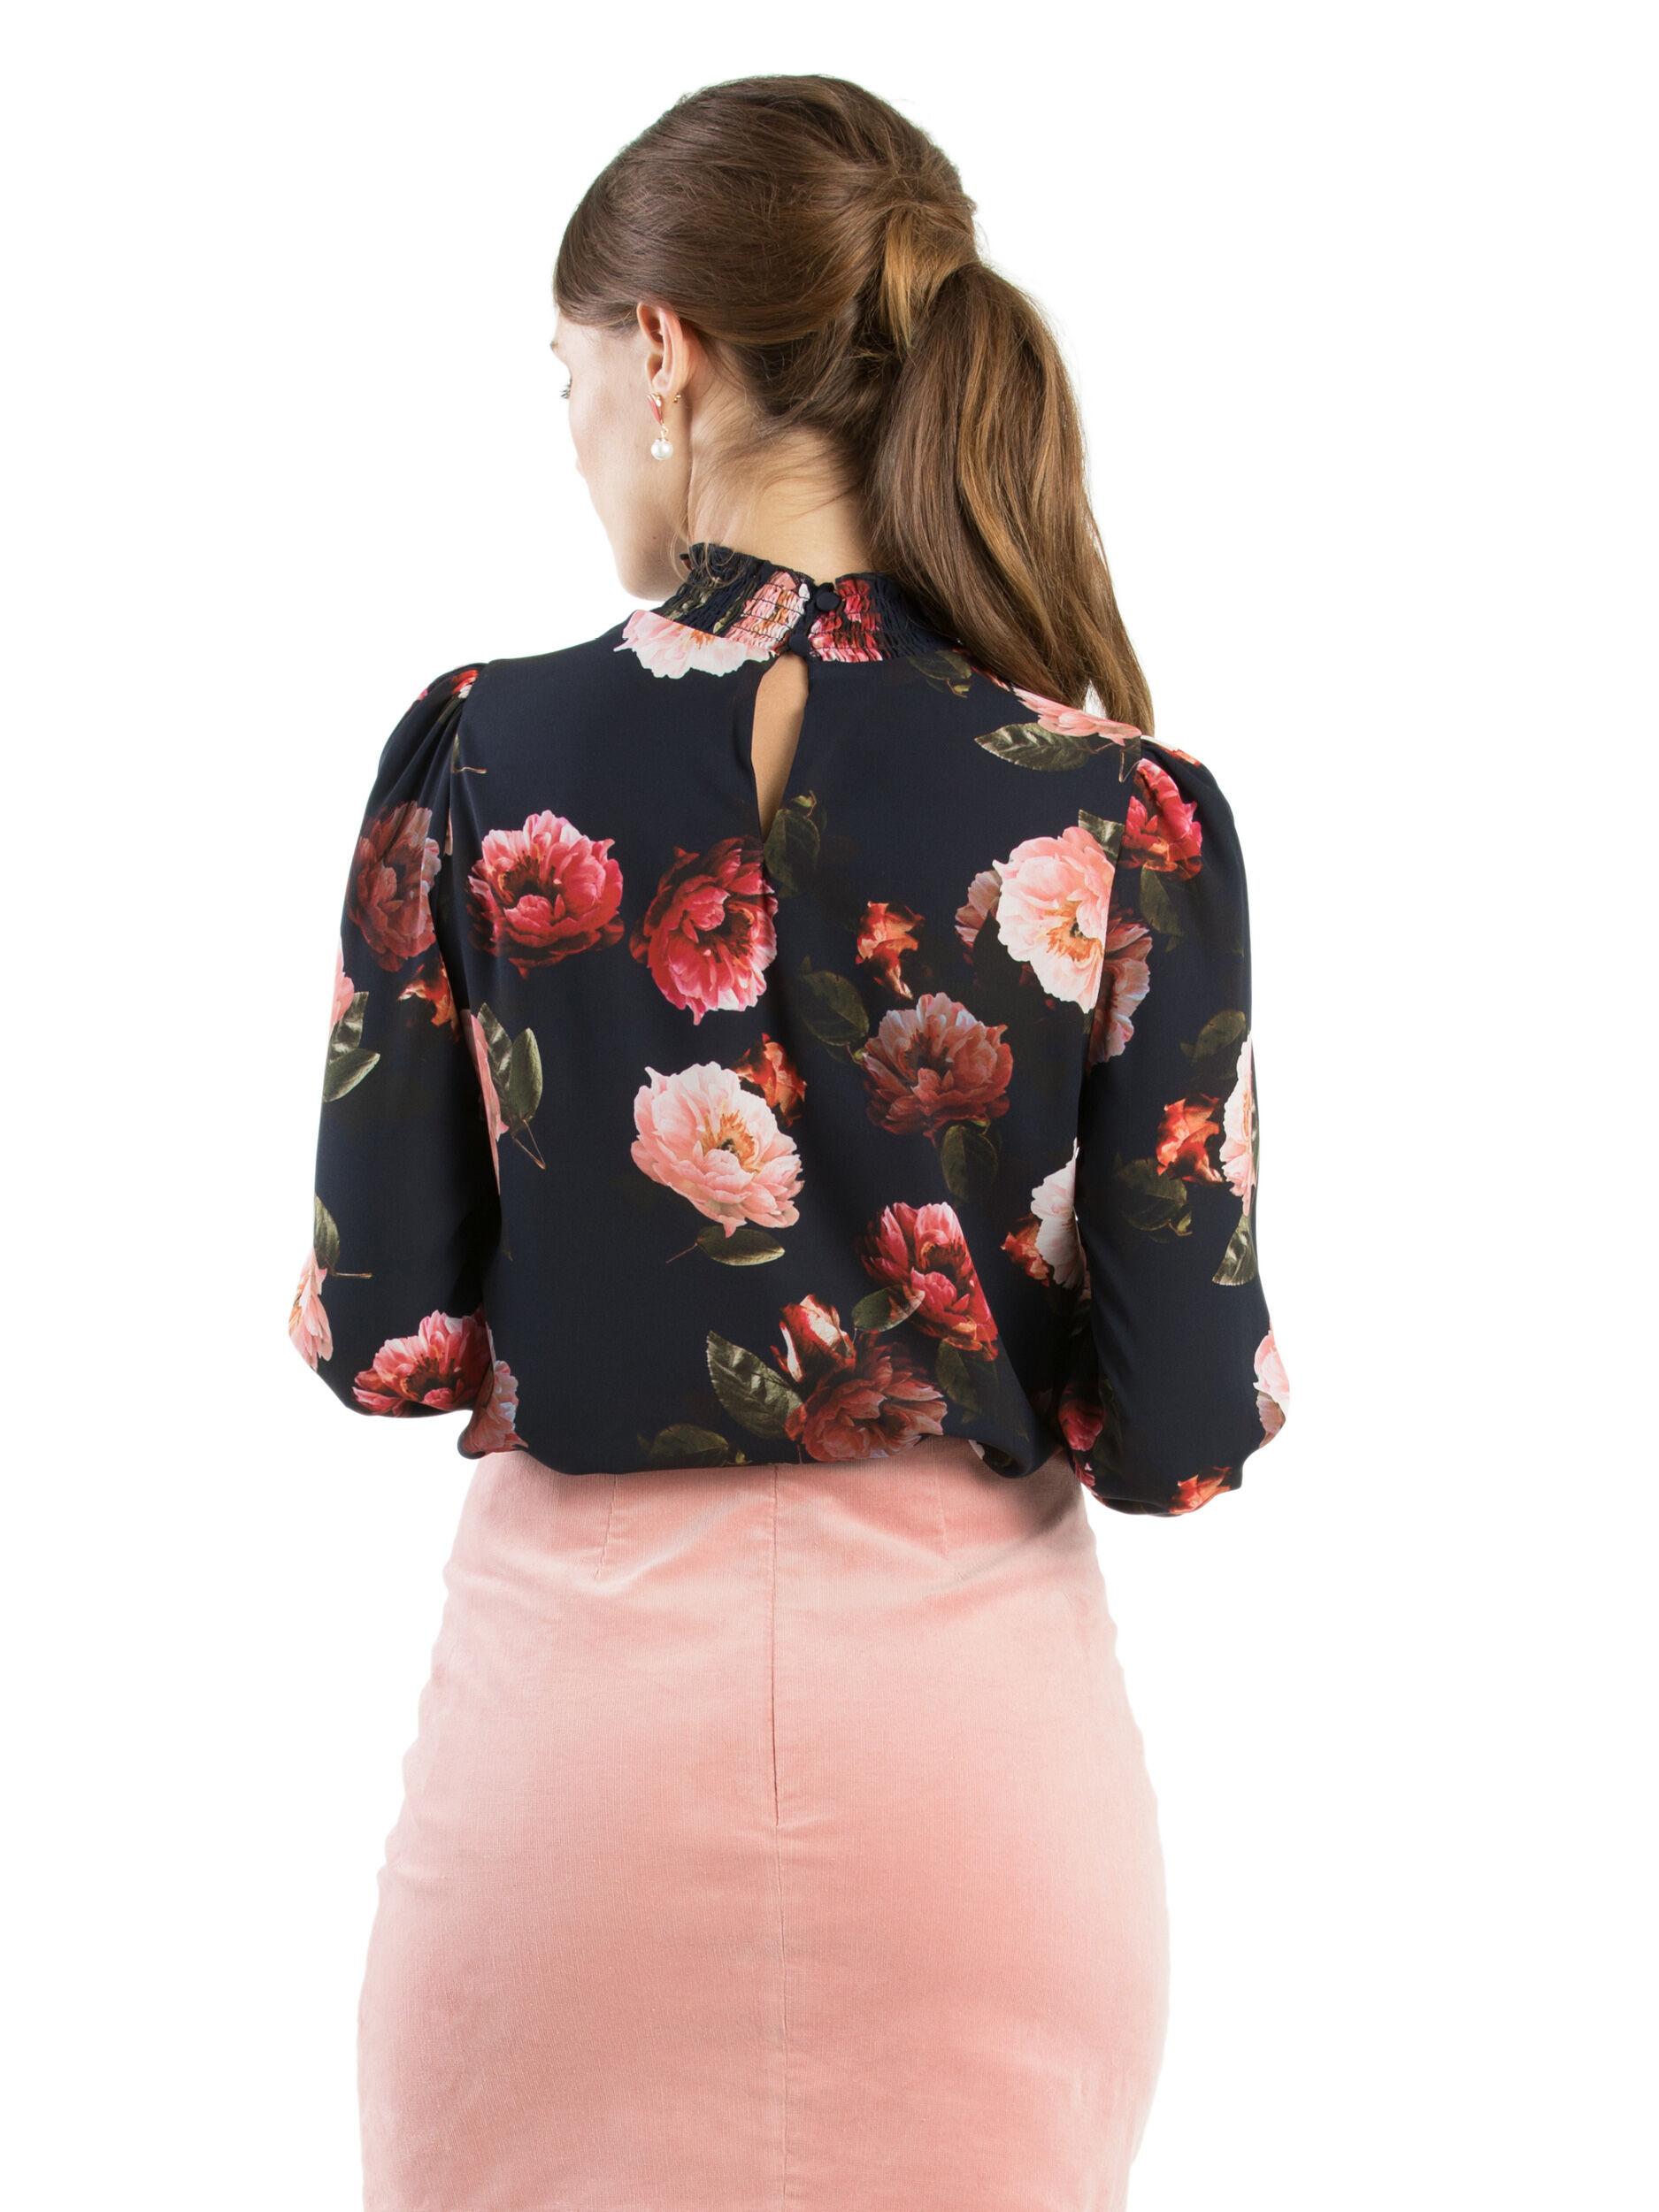 Mystic Floral Top